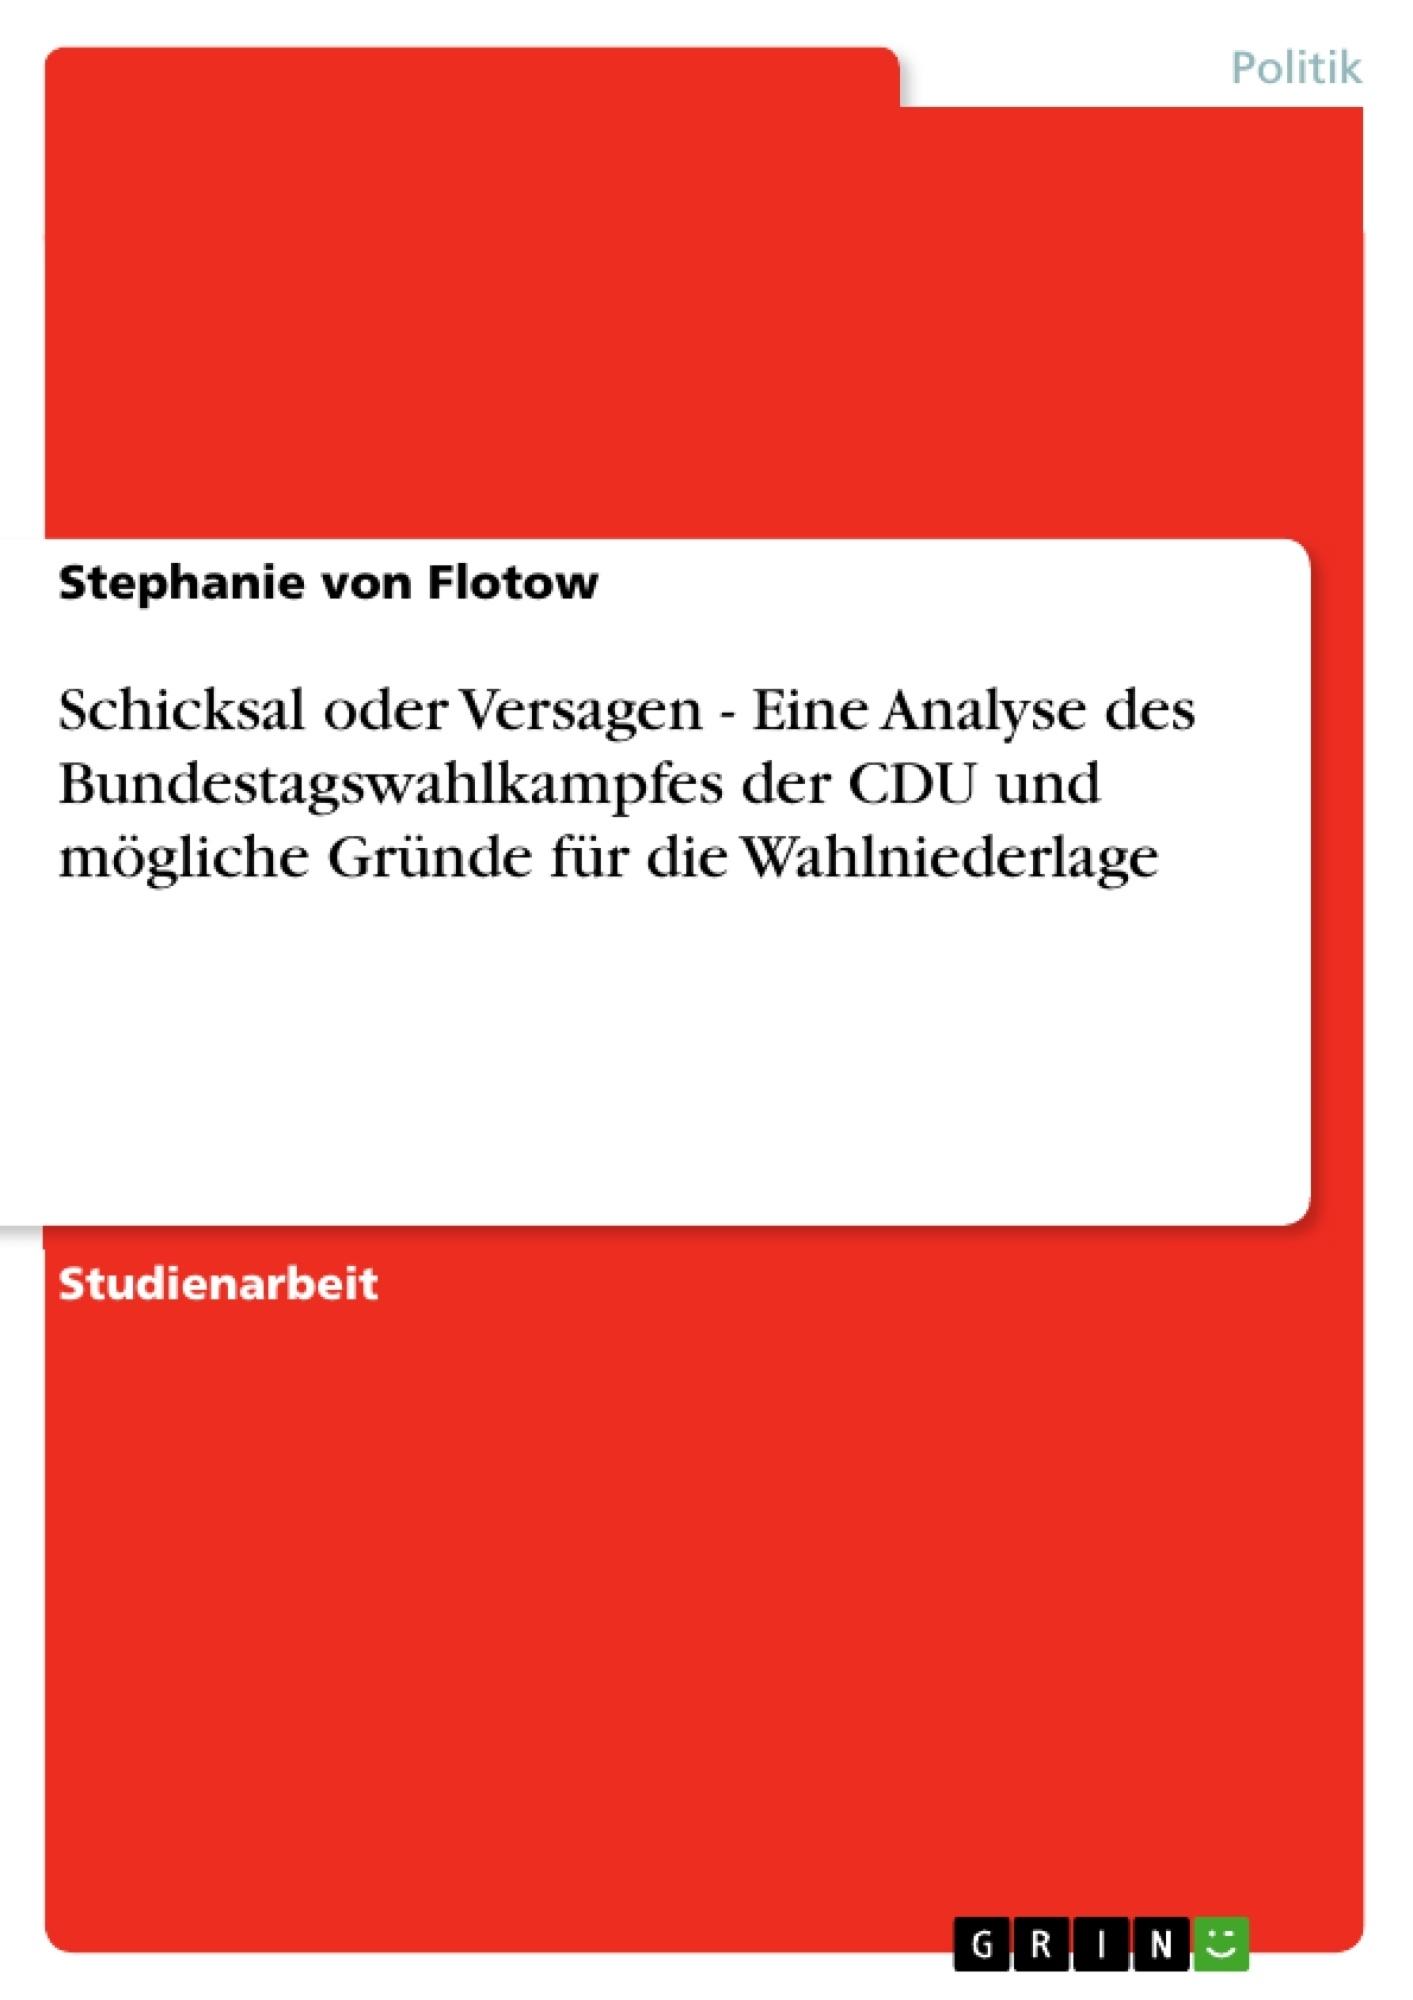 Titel: Schicksal oder Versagen - Eine Analyse des Bundestagswahlkampfes der CDU und mögliche Gründe für die Wahlniederlage